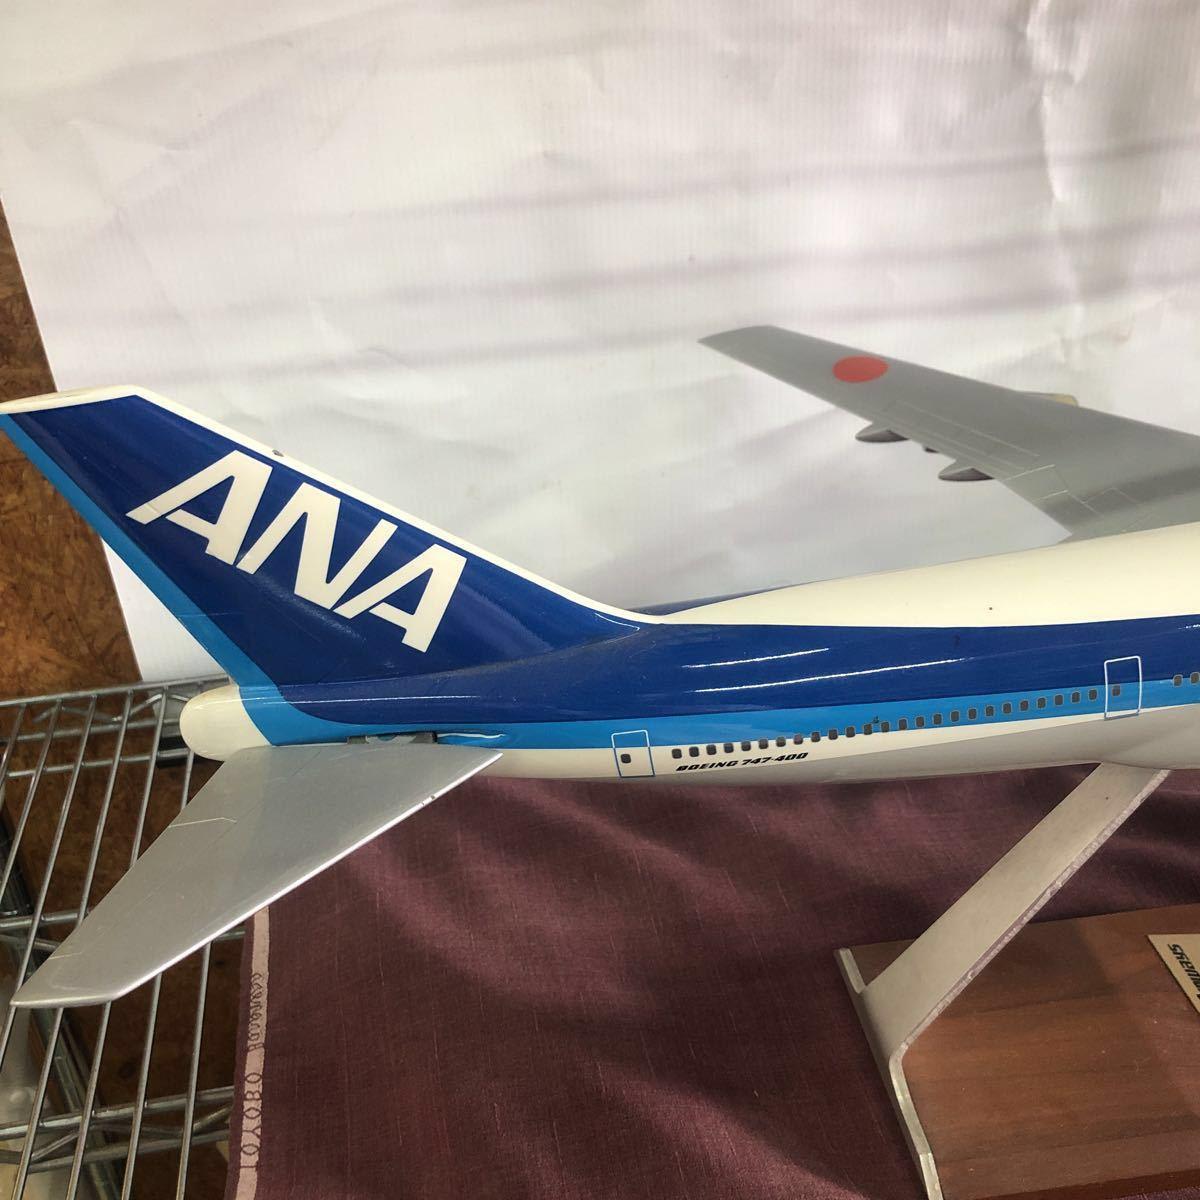 格安!売り切り!全日空 All Nippon Airways Lease Financing of Boeing 747-400 Aircraft 航空機 ボーイング 模型 置物 ANA_画像3